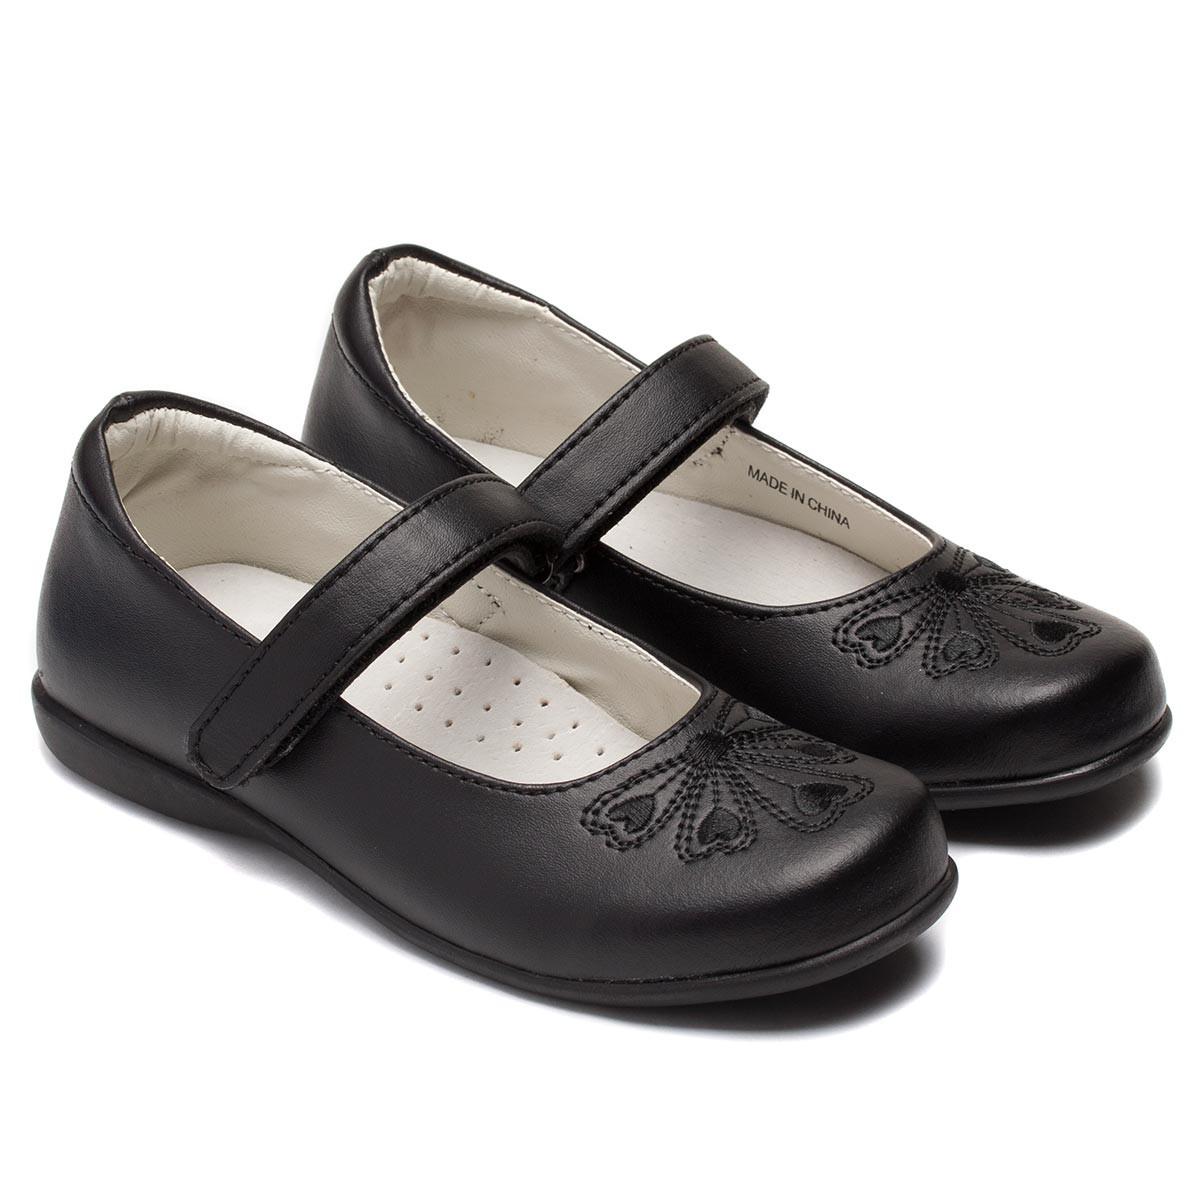 Классические школьные туфли Energjy